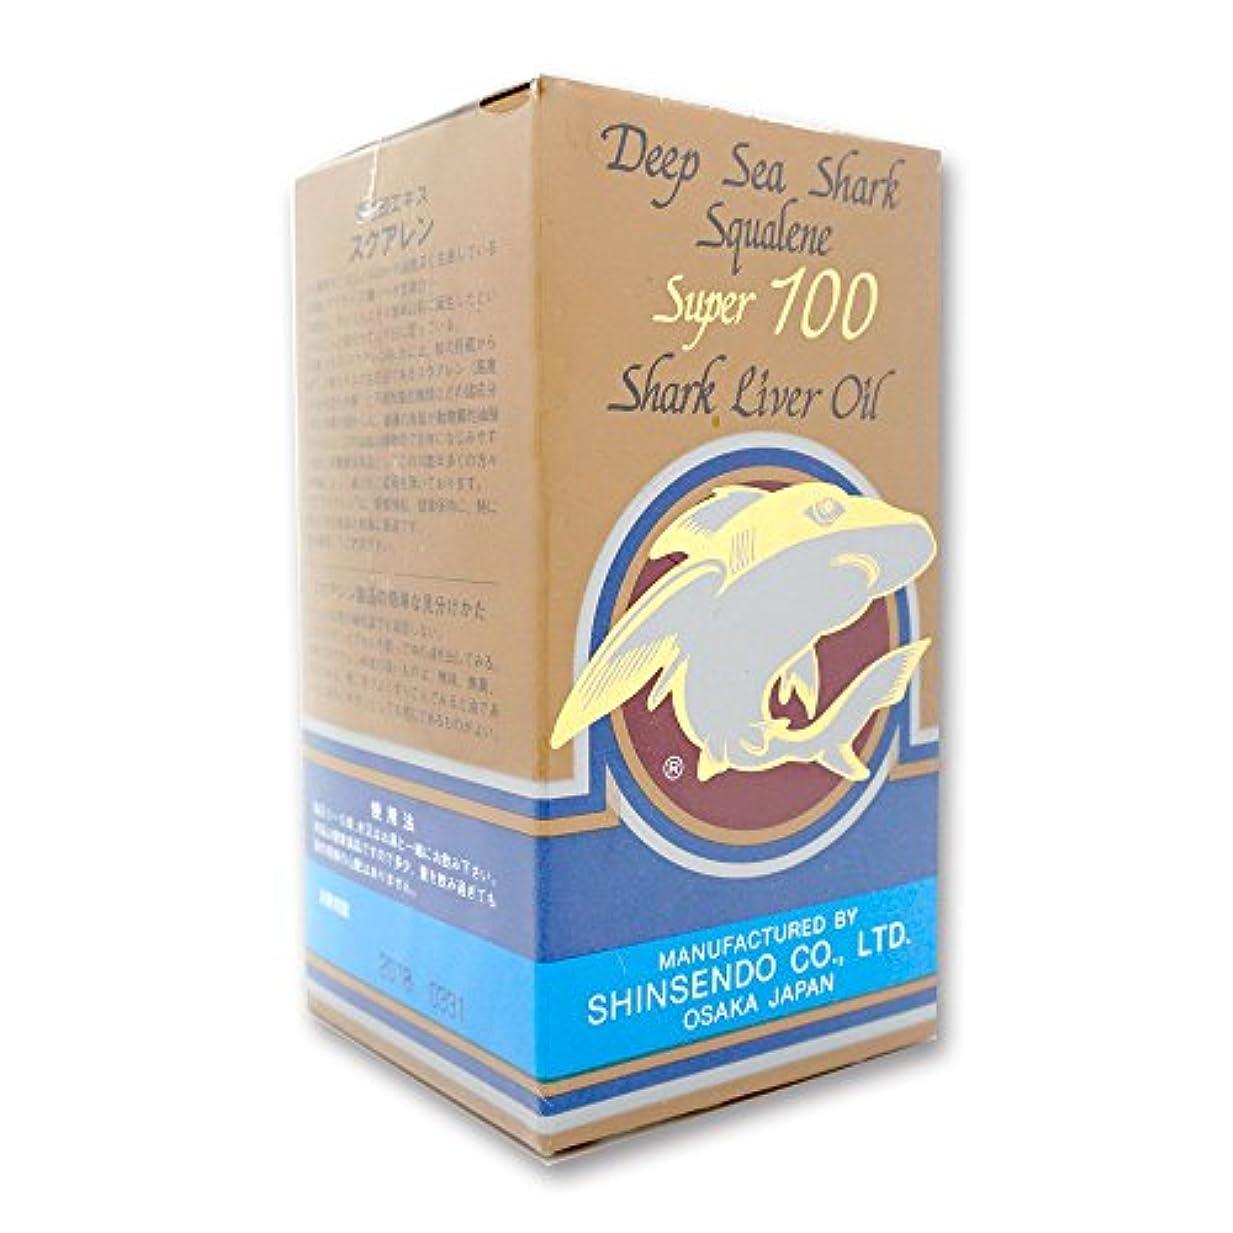 賛美歌倫理的ポスト印象派神仙堂 深海鮫 スクワレン スーパー100 330球